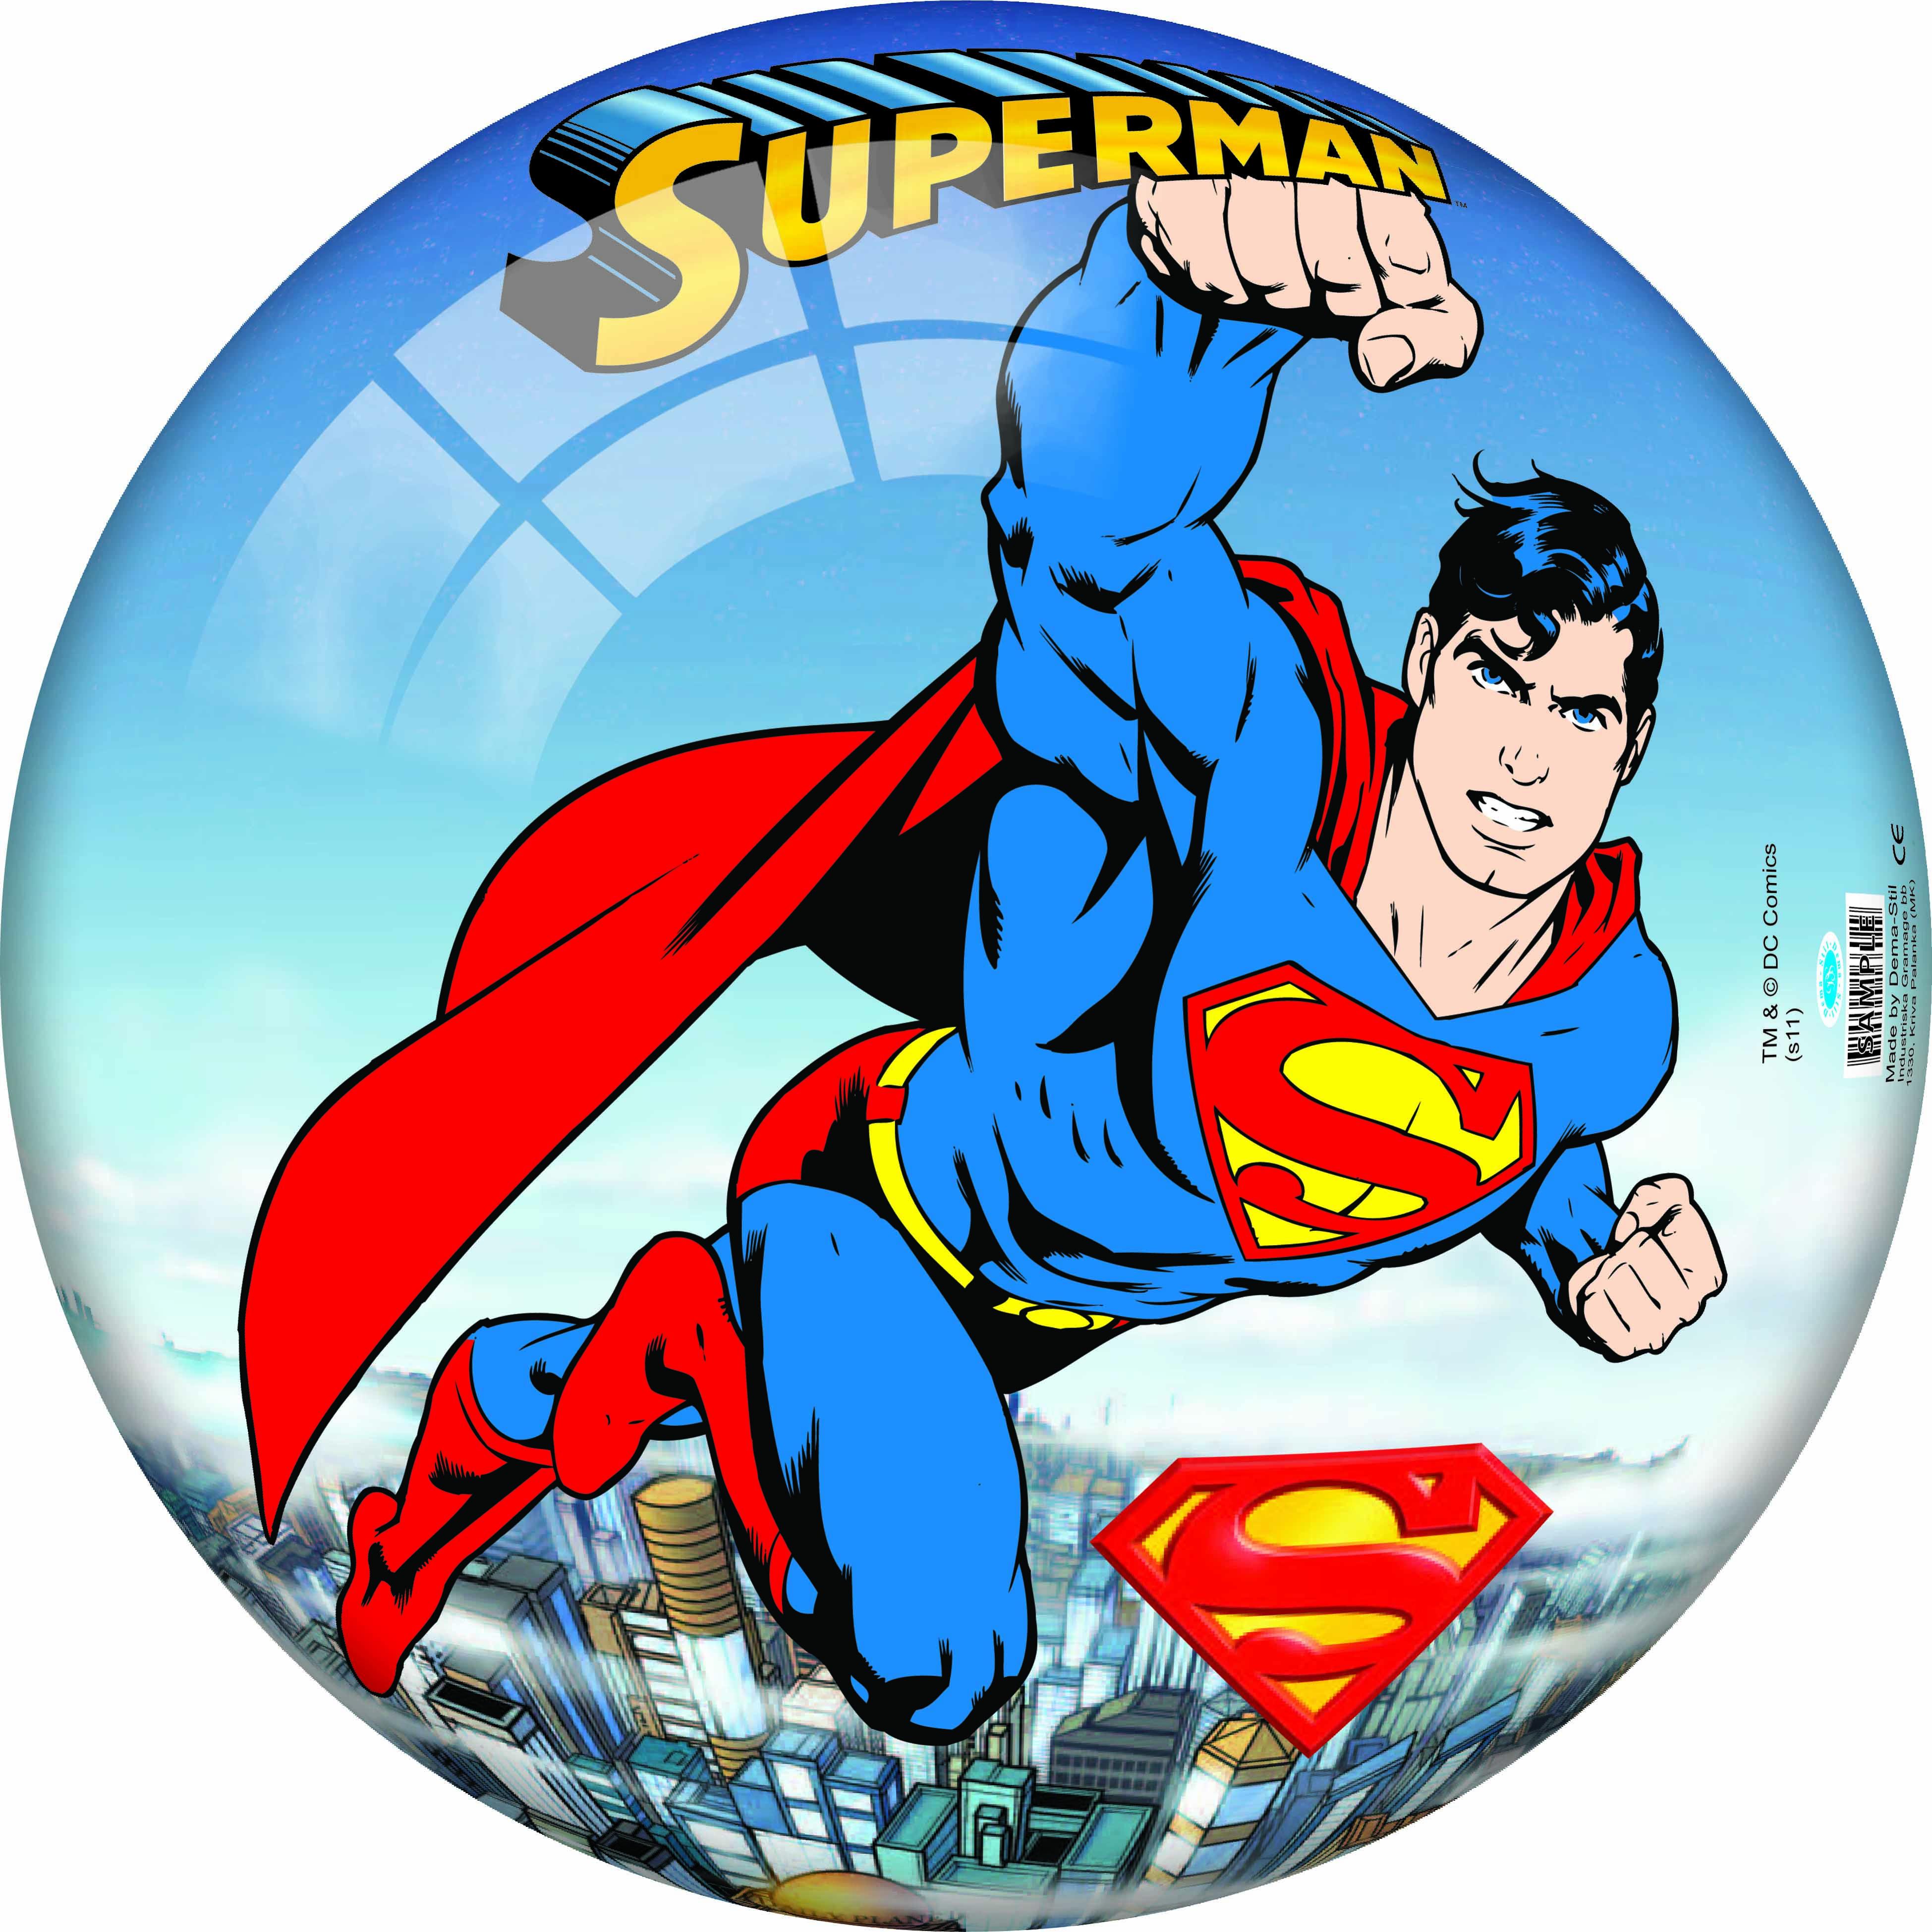 Купить Мячи, Супермен WB-S-003/14, Dema-Stil, Бывшая Югославская Республика Македония